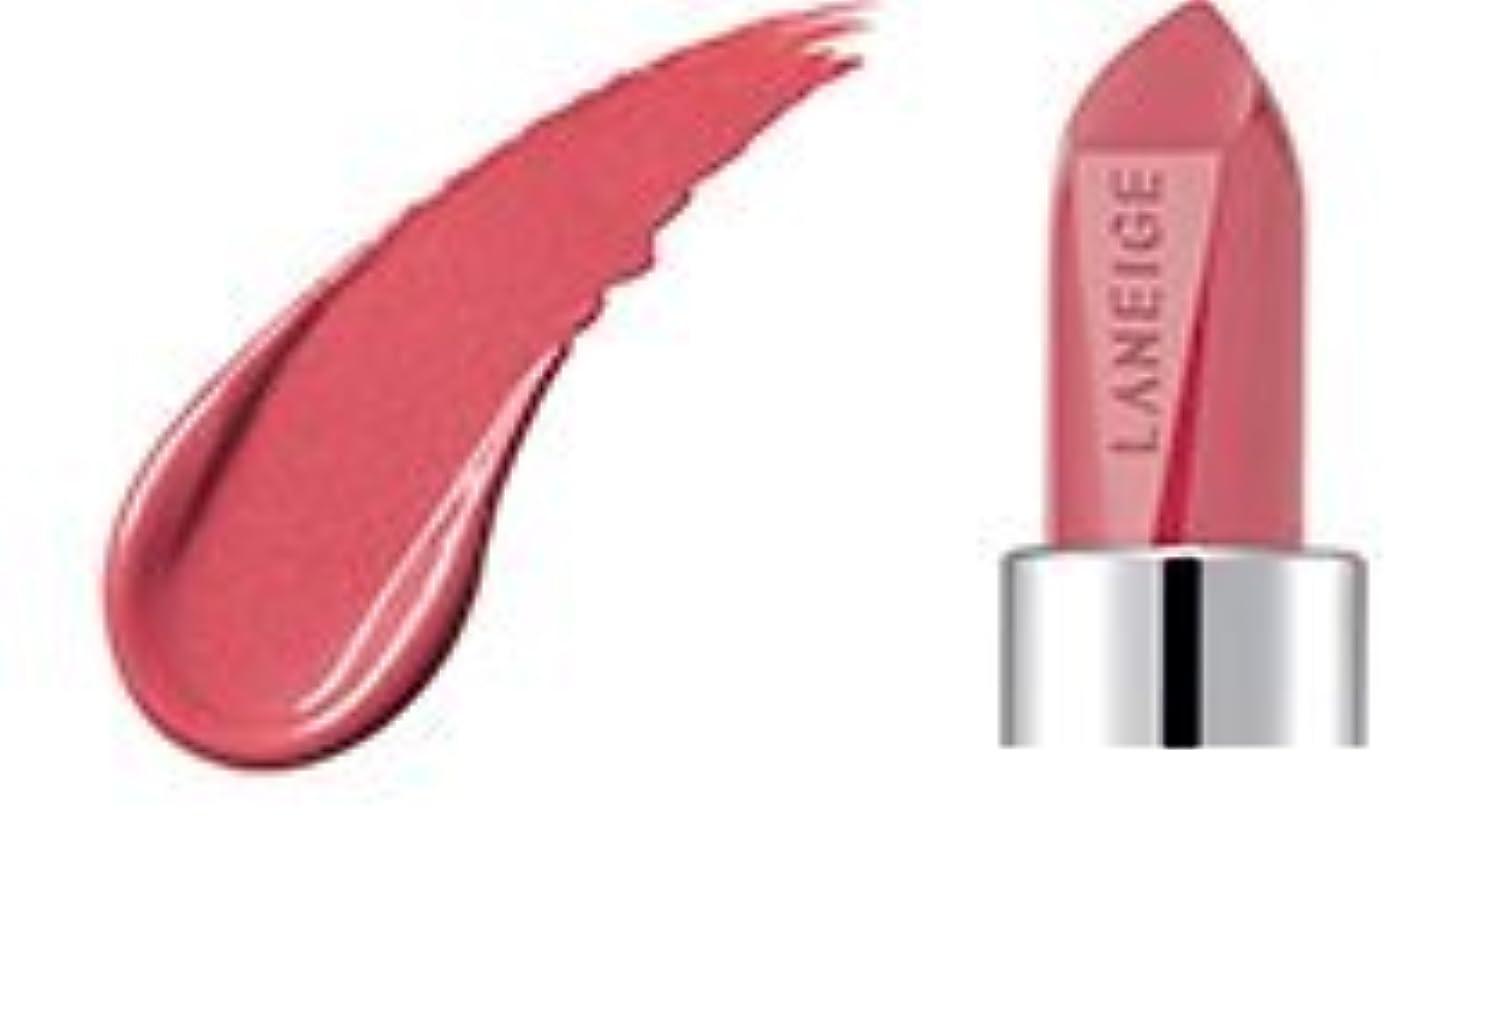 ロック解除慢ぜいたく[2017 Renewal] LANEIGE Silk Intense Lipstick 3.5g/ラネージュ シルク インテンス リップスティック 3.5g (#430 Pink Garden) [並行輸入品]